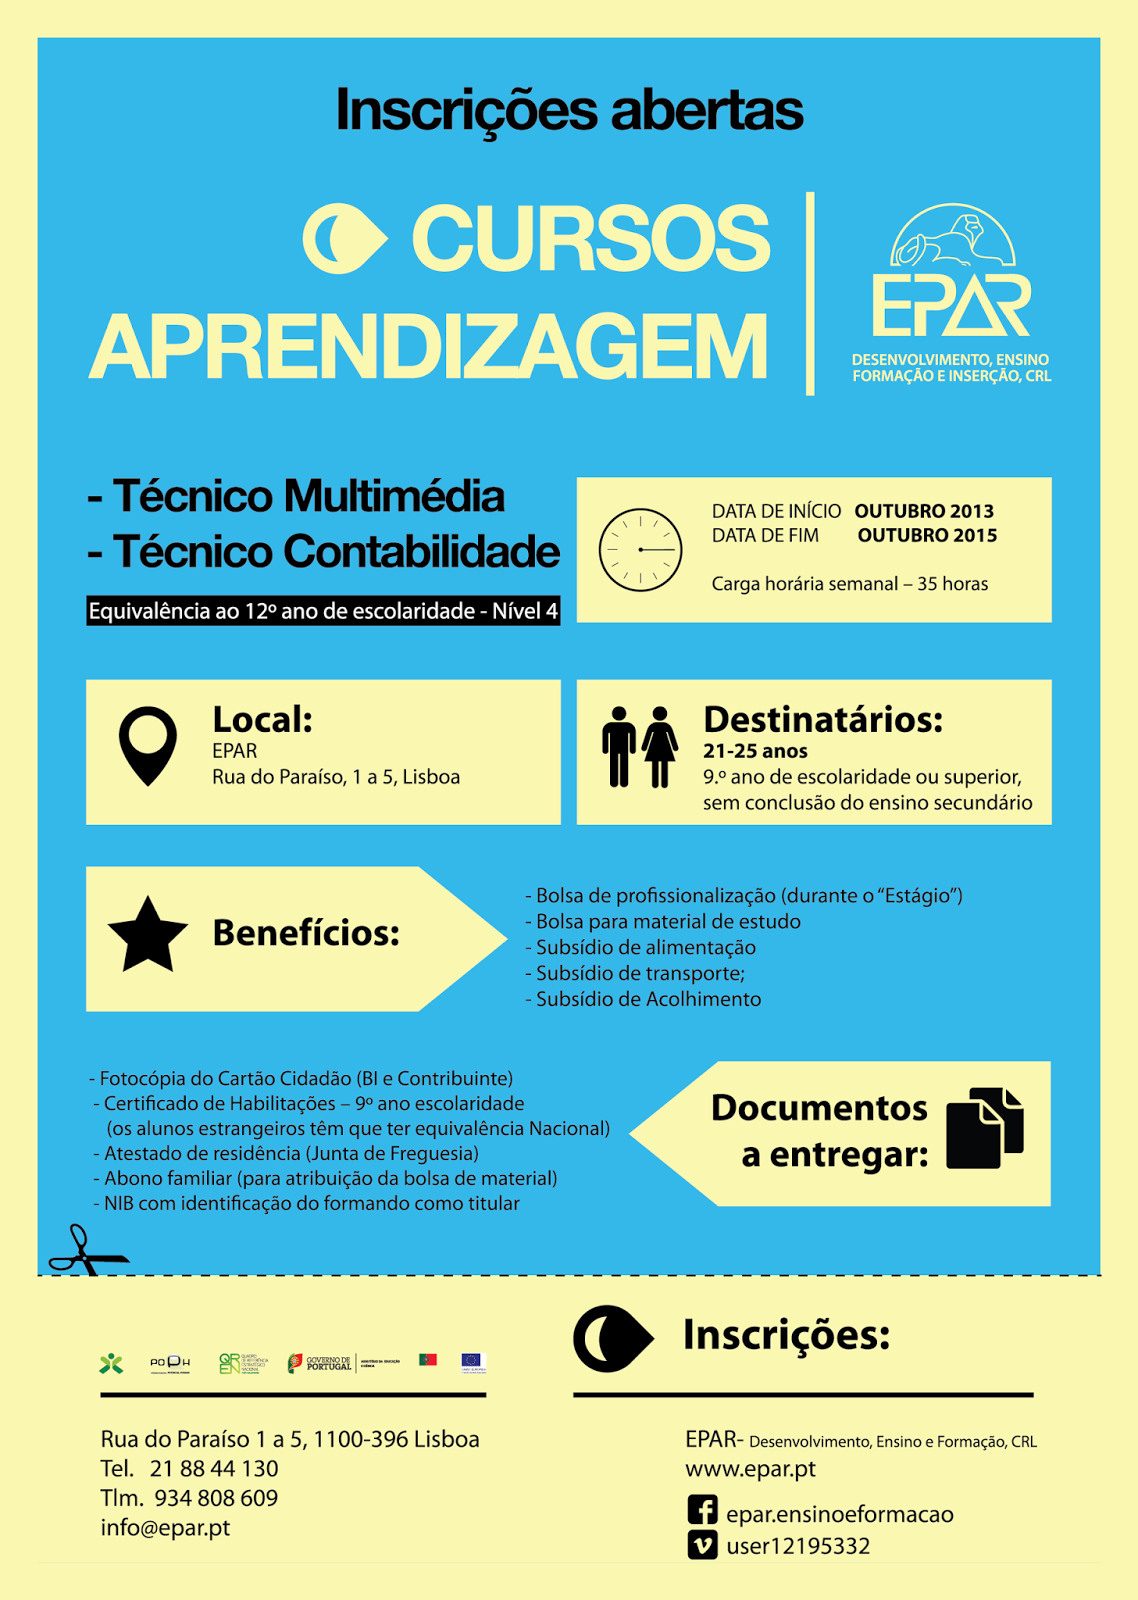 Cursos de aprendizagem 2013 / 2015 em Lisboa